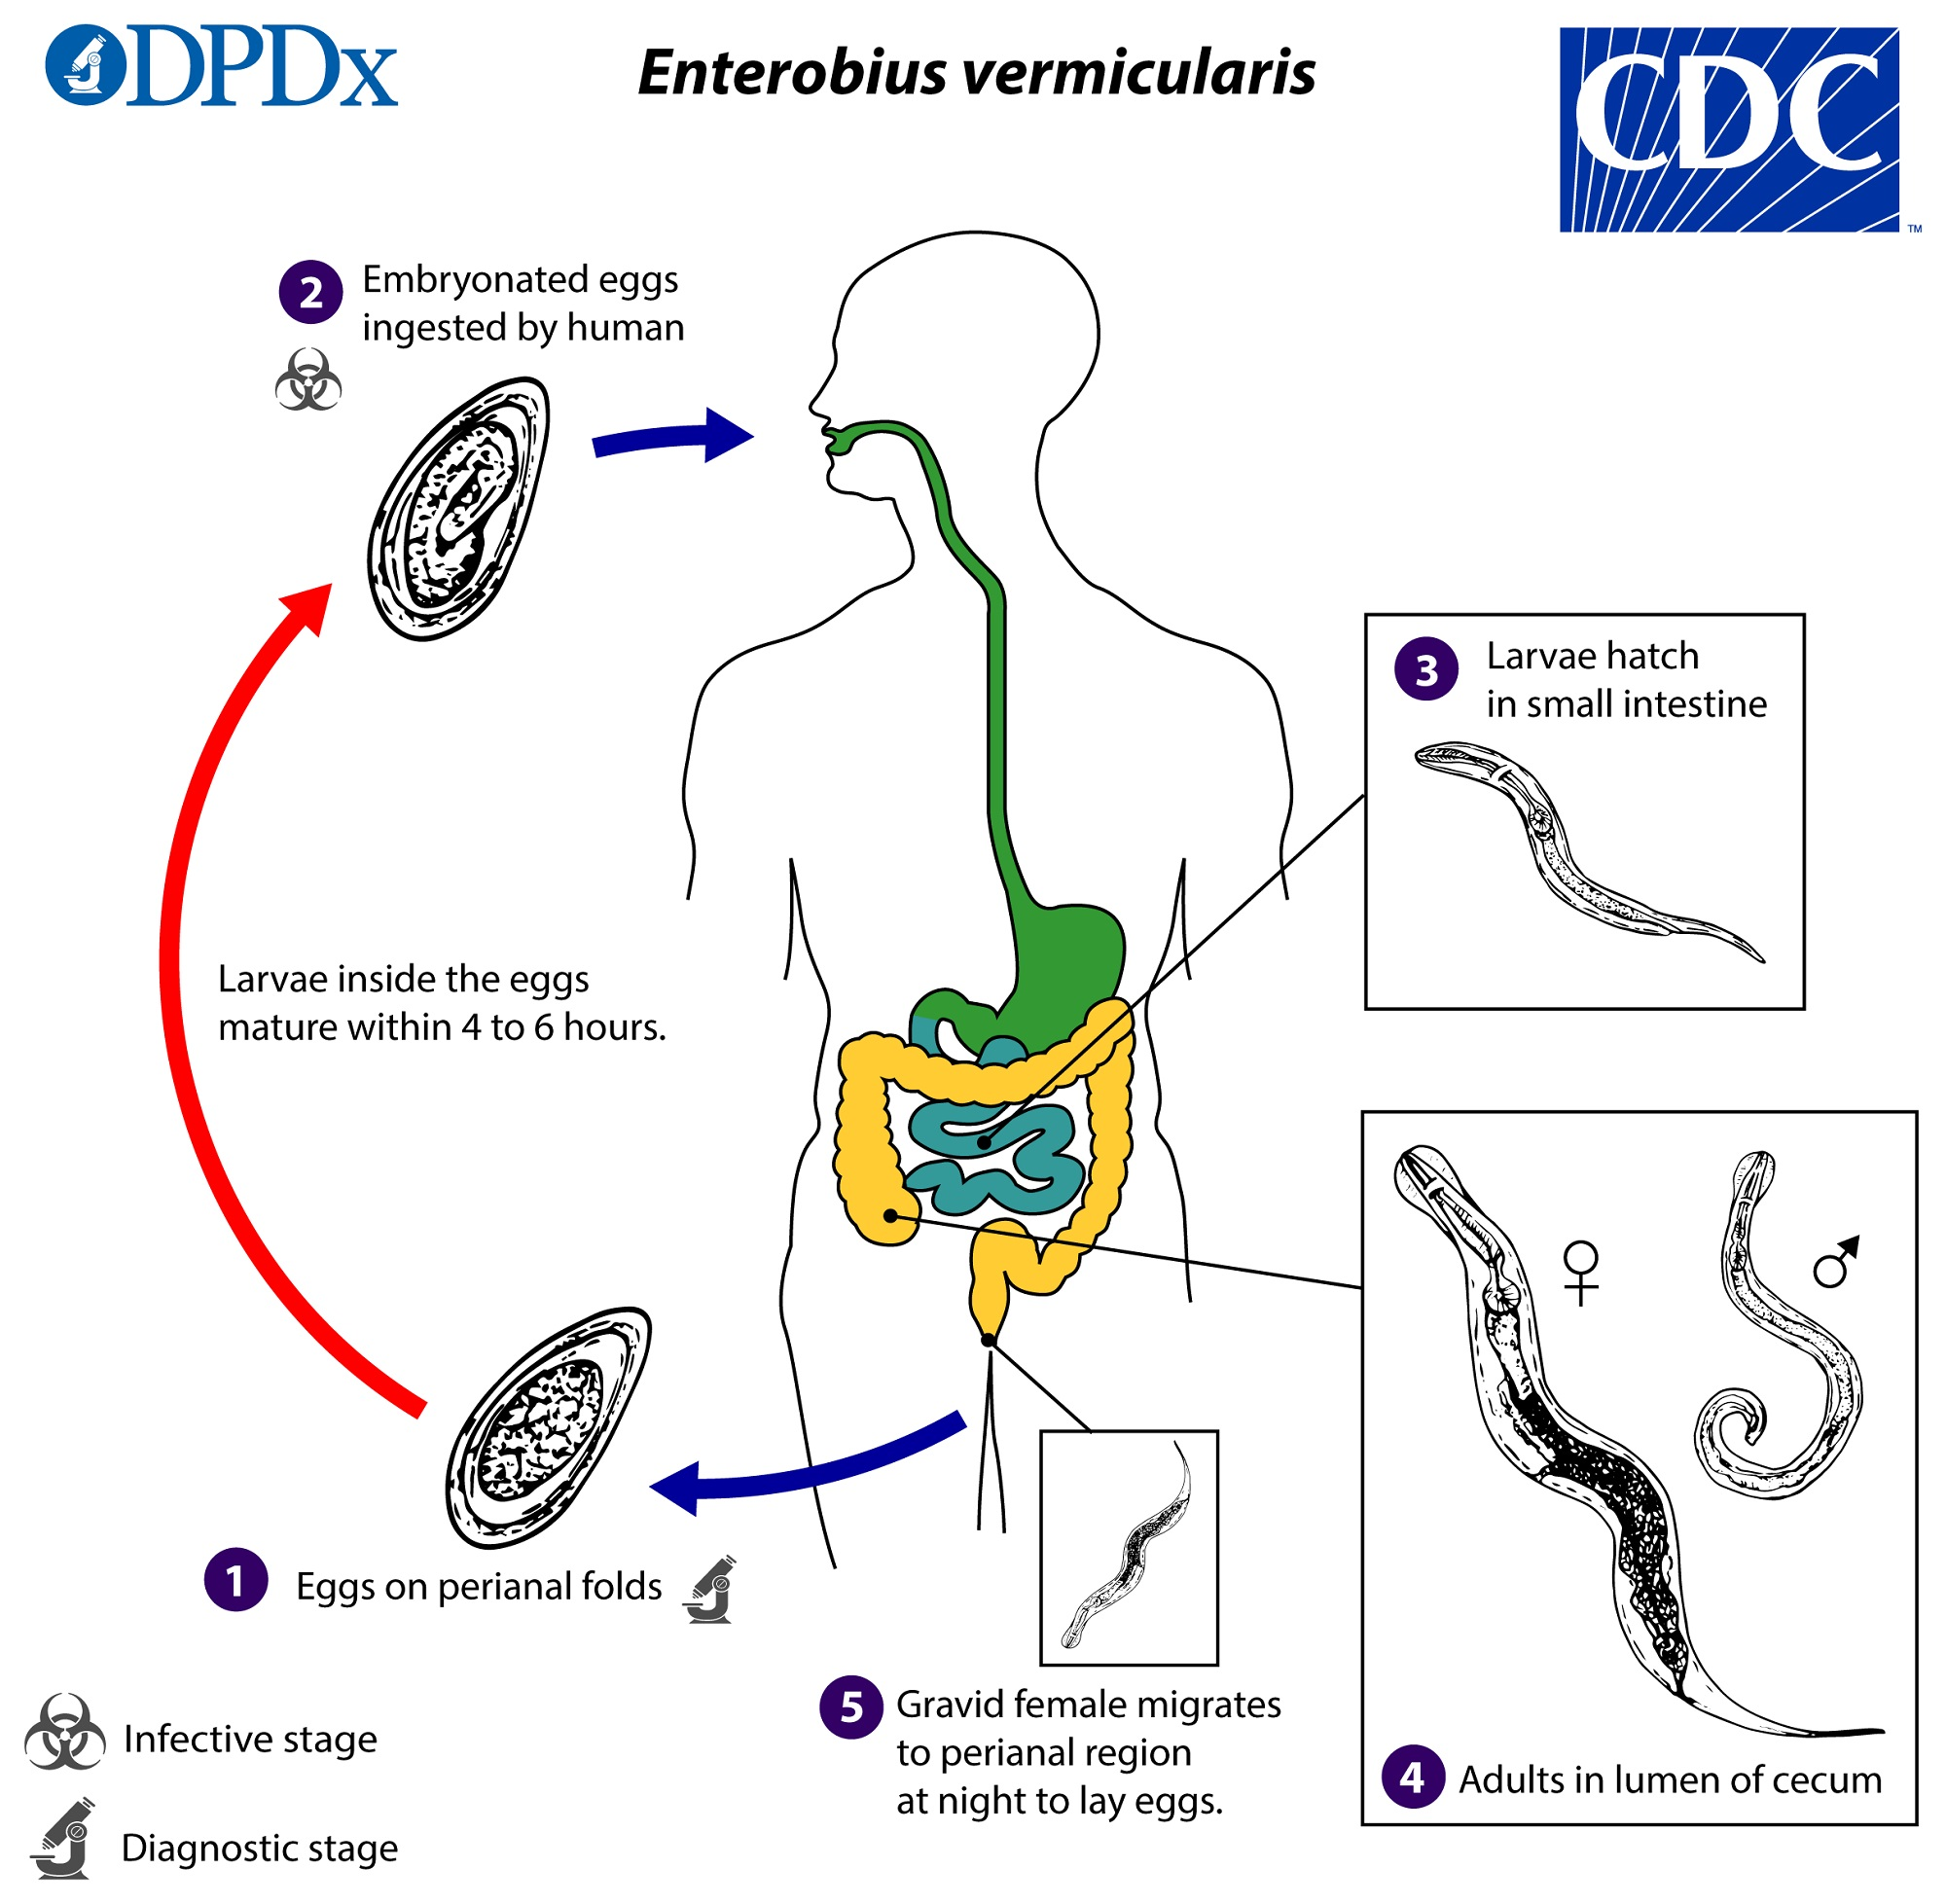 hogy néz ki az enterobiosis a gyermekeknél